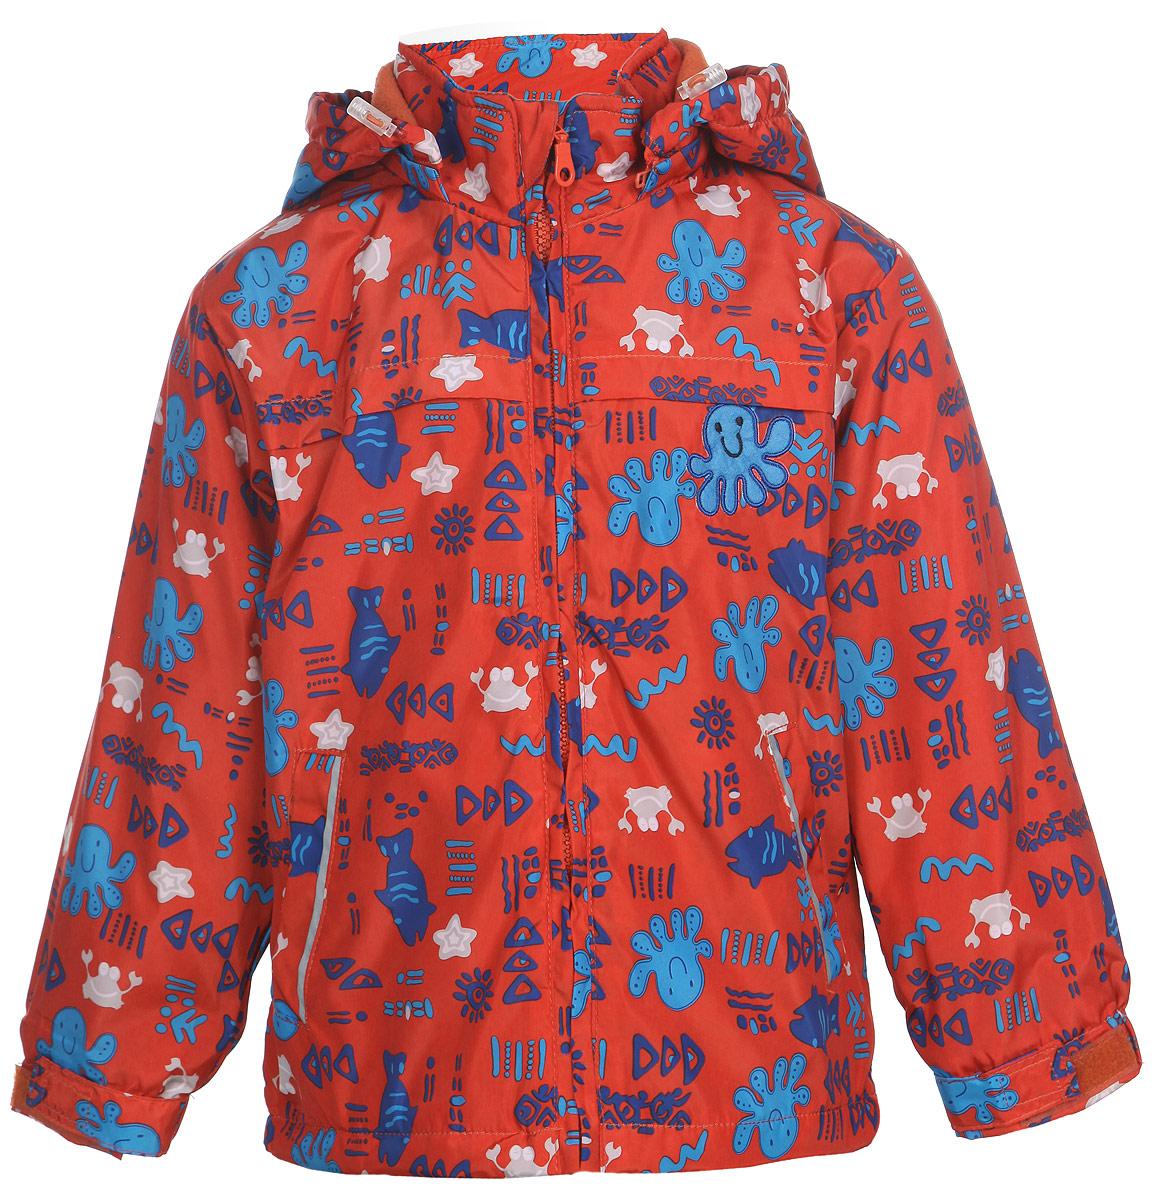 111600R-31Яркая куртка для мальчика M&D идеально подойдет для ребенка в прохладное время года. Она выполнена из полиэстера и дополнена мягкой и теплой флисовой подкладкой. Куртка с воротником-стойкой застегивается на удобную застежку-молнию. Съемный капюшон фиксируется при помощи молнии, его объем регулируется при помощи скрытого эластичного шнурка со стопперами. Рукава оснащены широкими эластичными резинками, не стягивающими запястья, и хлястиками на липучках. Низ модели дополнен скрытым эластичным шнурком со стопперами. По бокам куртка дополнена двумя прорезными кармашками. Куртка оформлена красочным принтом с изображением морских животных и дополнена светоотражающими полосками на карманах и на спинке. В такой куртке ваш маленький мужчина будет чувствовать себя комфортно, уютно и всегда будет в центре внимания!